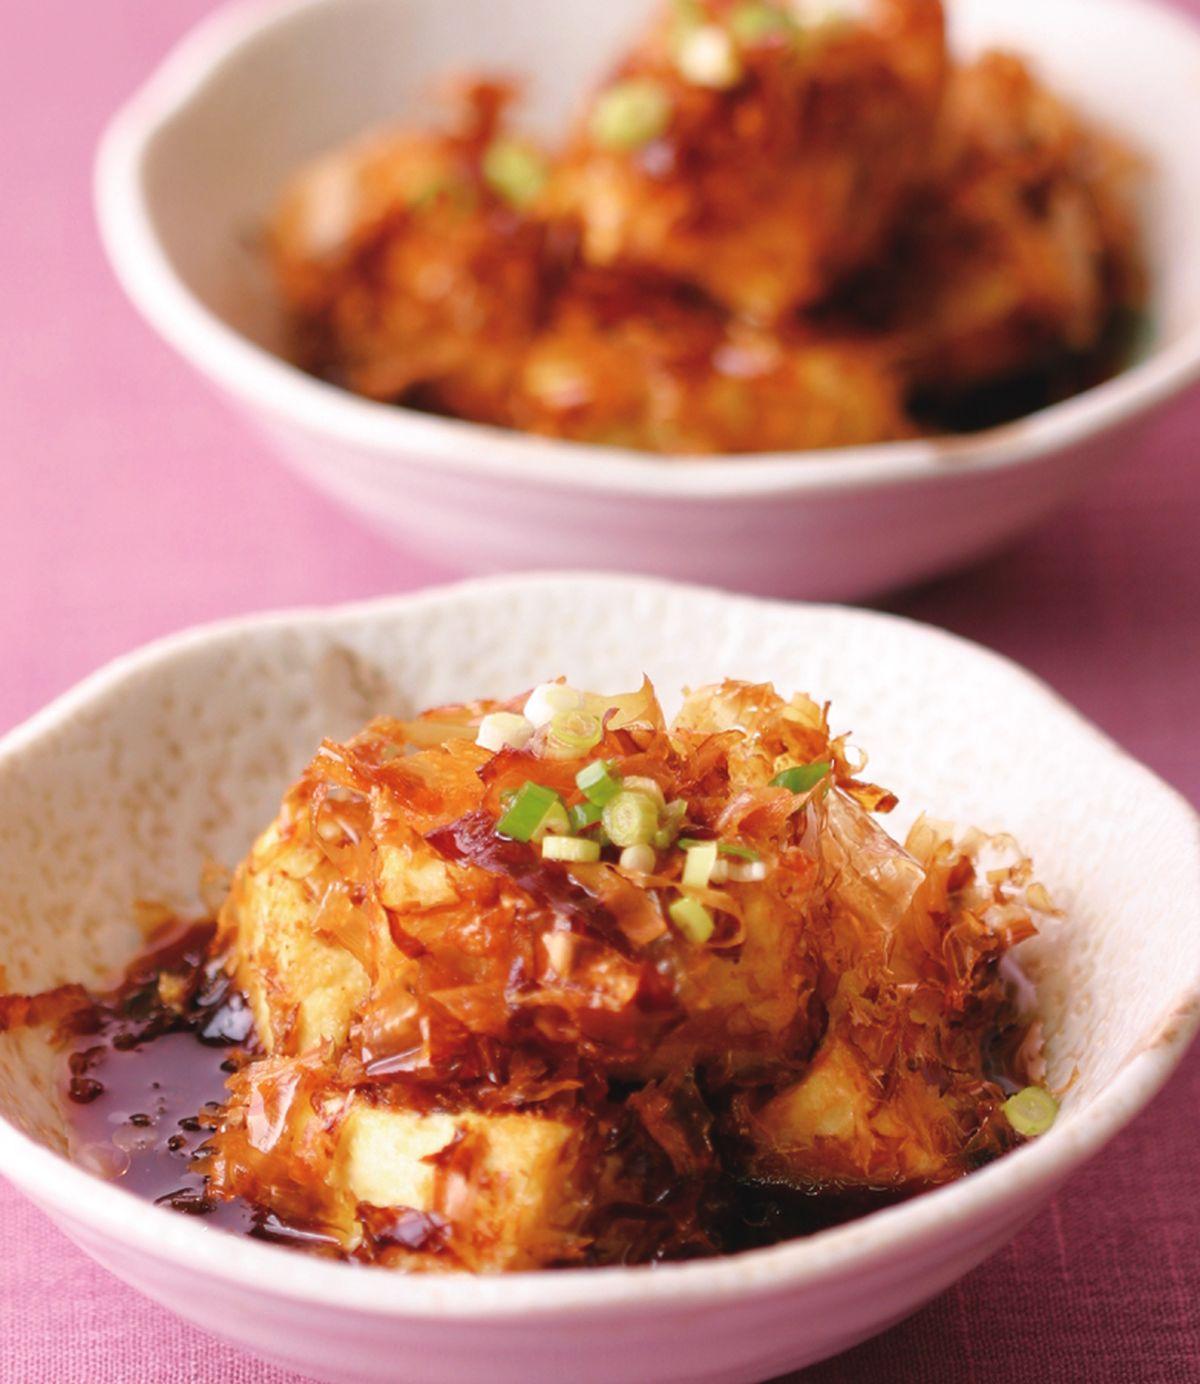 食譜:日式炸豆腐